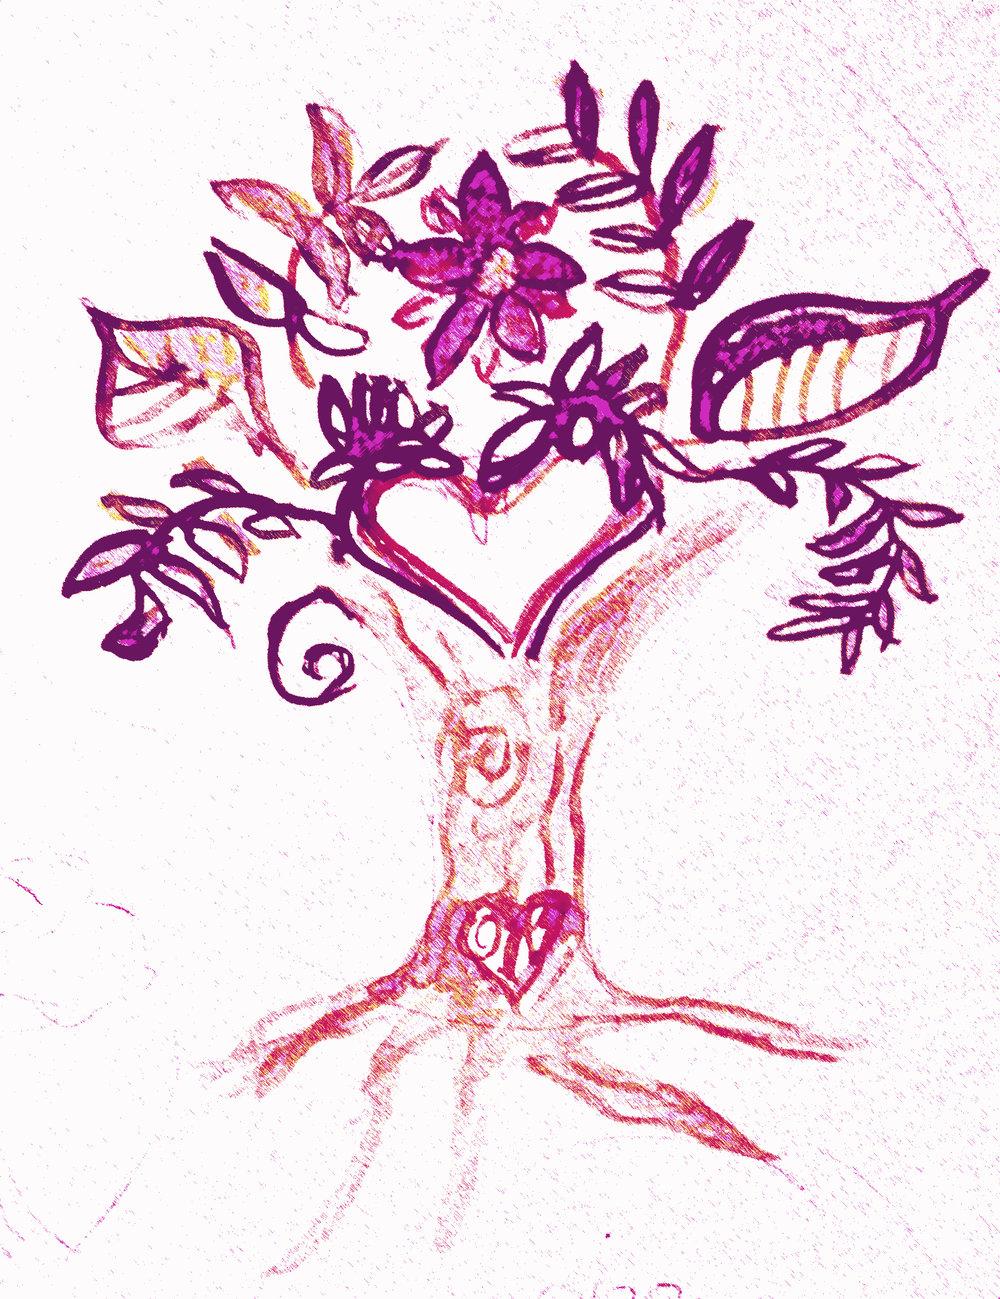 pinklovetree.jpg